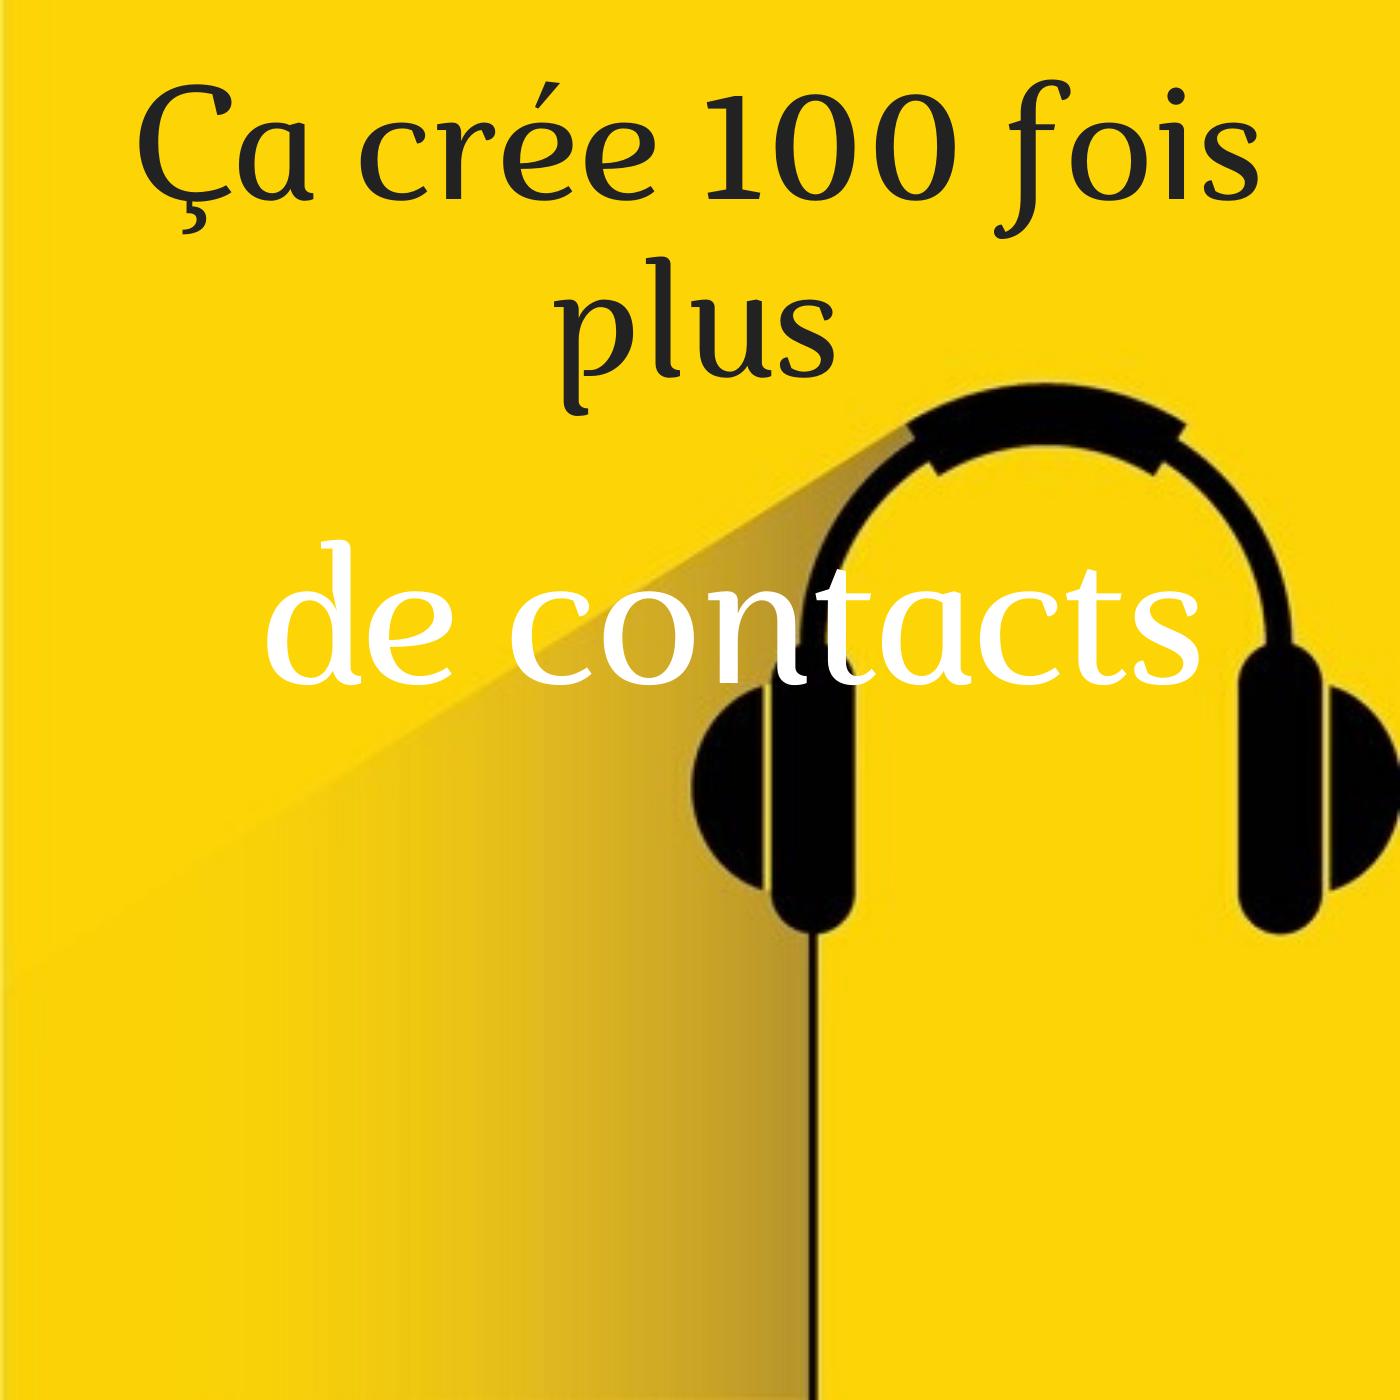 Ça crée 100 fois plus de contacts